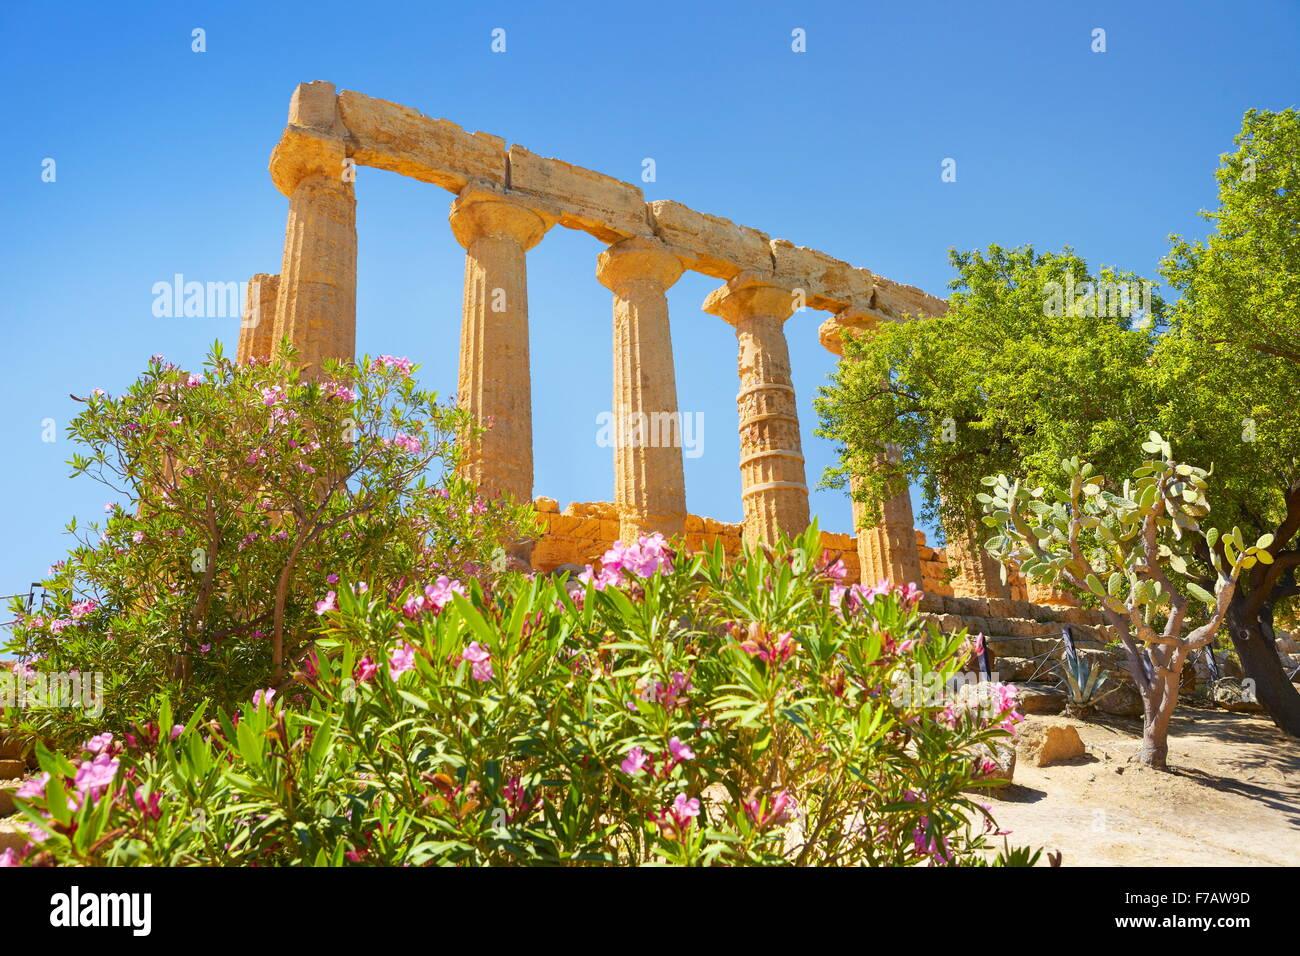 Temple de Héra dans la Vallée des Temples (Valle dei Templi), Agrigente, Sicile, Italie l'UNESCO Photo Stock